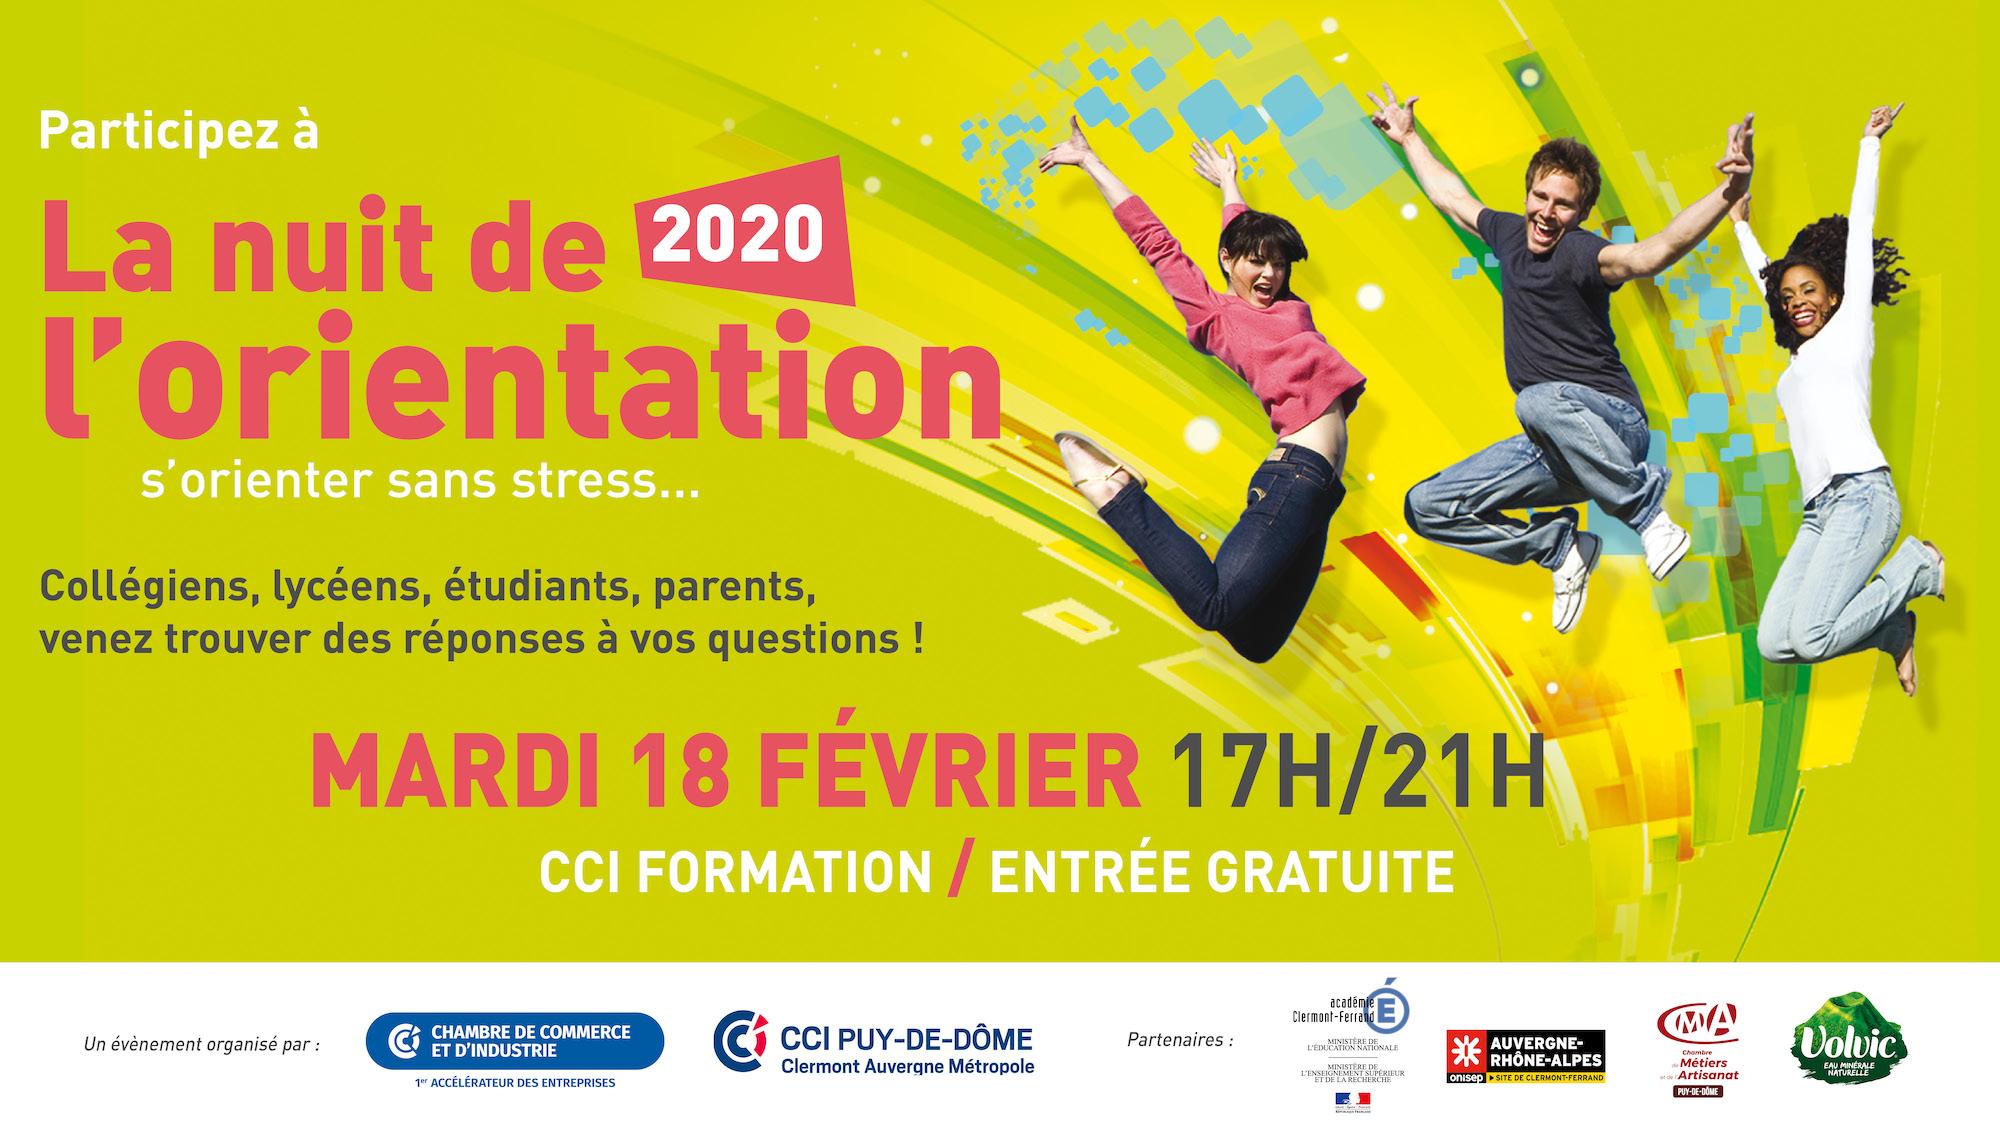 Nuit de l'orientation 2020